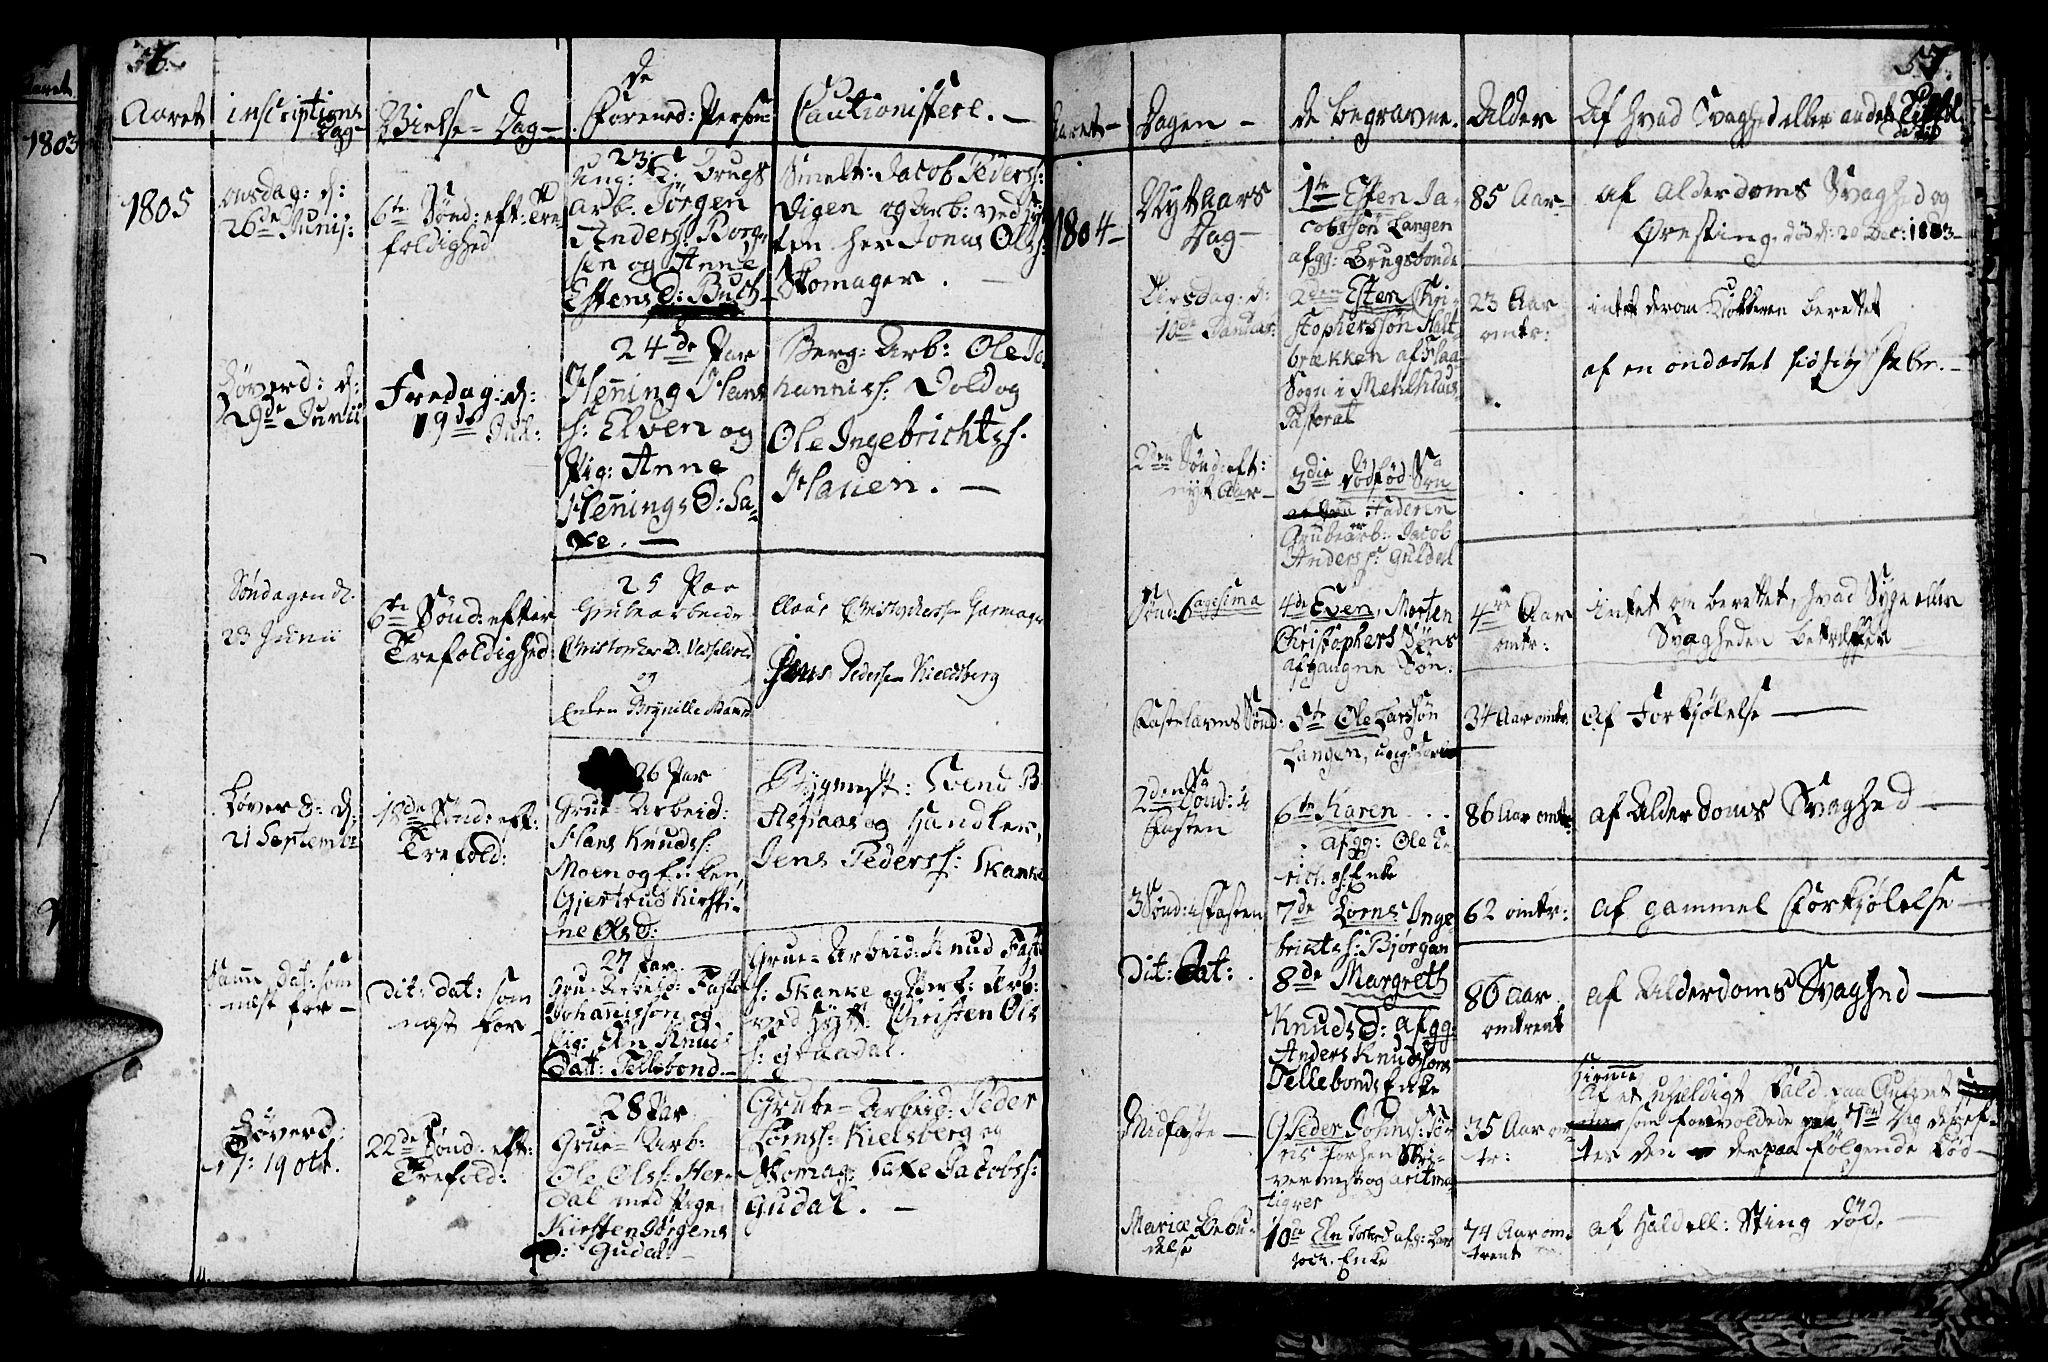 SAT, Ministerialprotokoller, klokkerbøker og fødselsregistre - Sør-Trøndelag, 681/L0937: Klokkerbok nr. 681C01, 1798-1810, s. 56-57